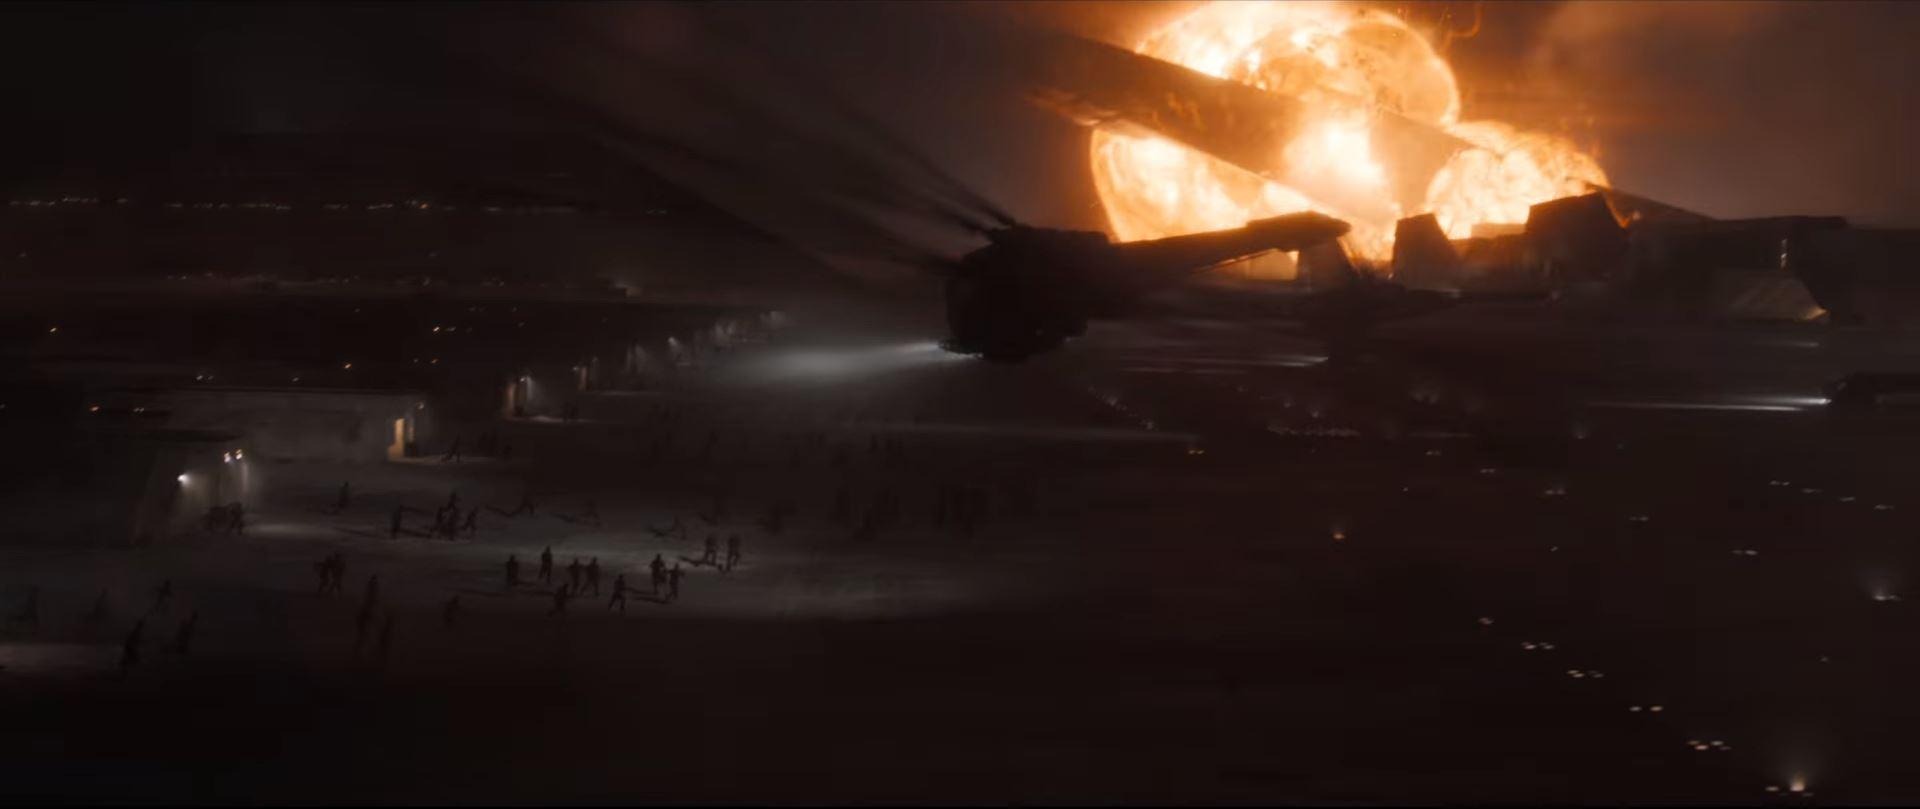 Dune movie trailer House Atreides being attacked